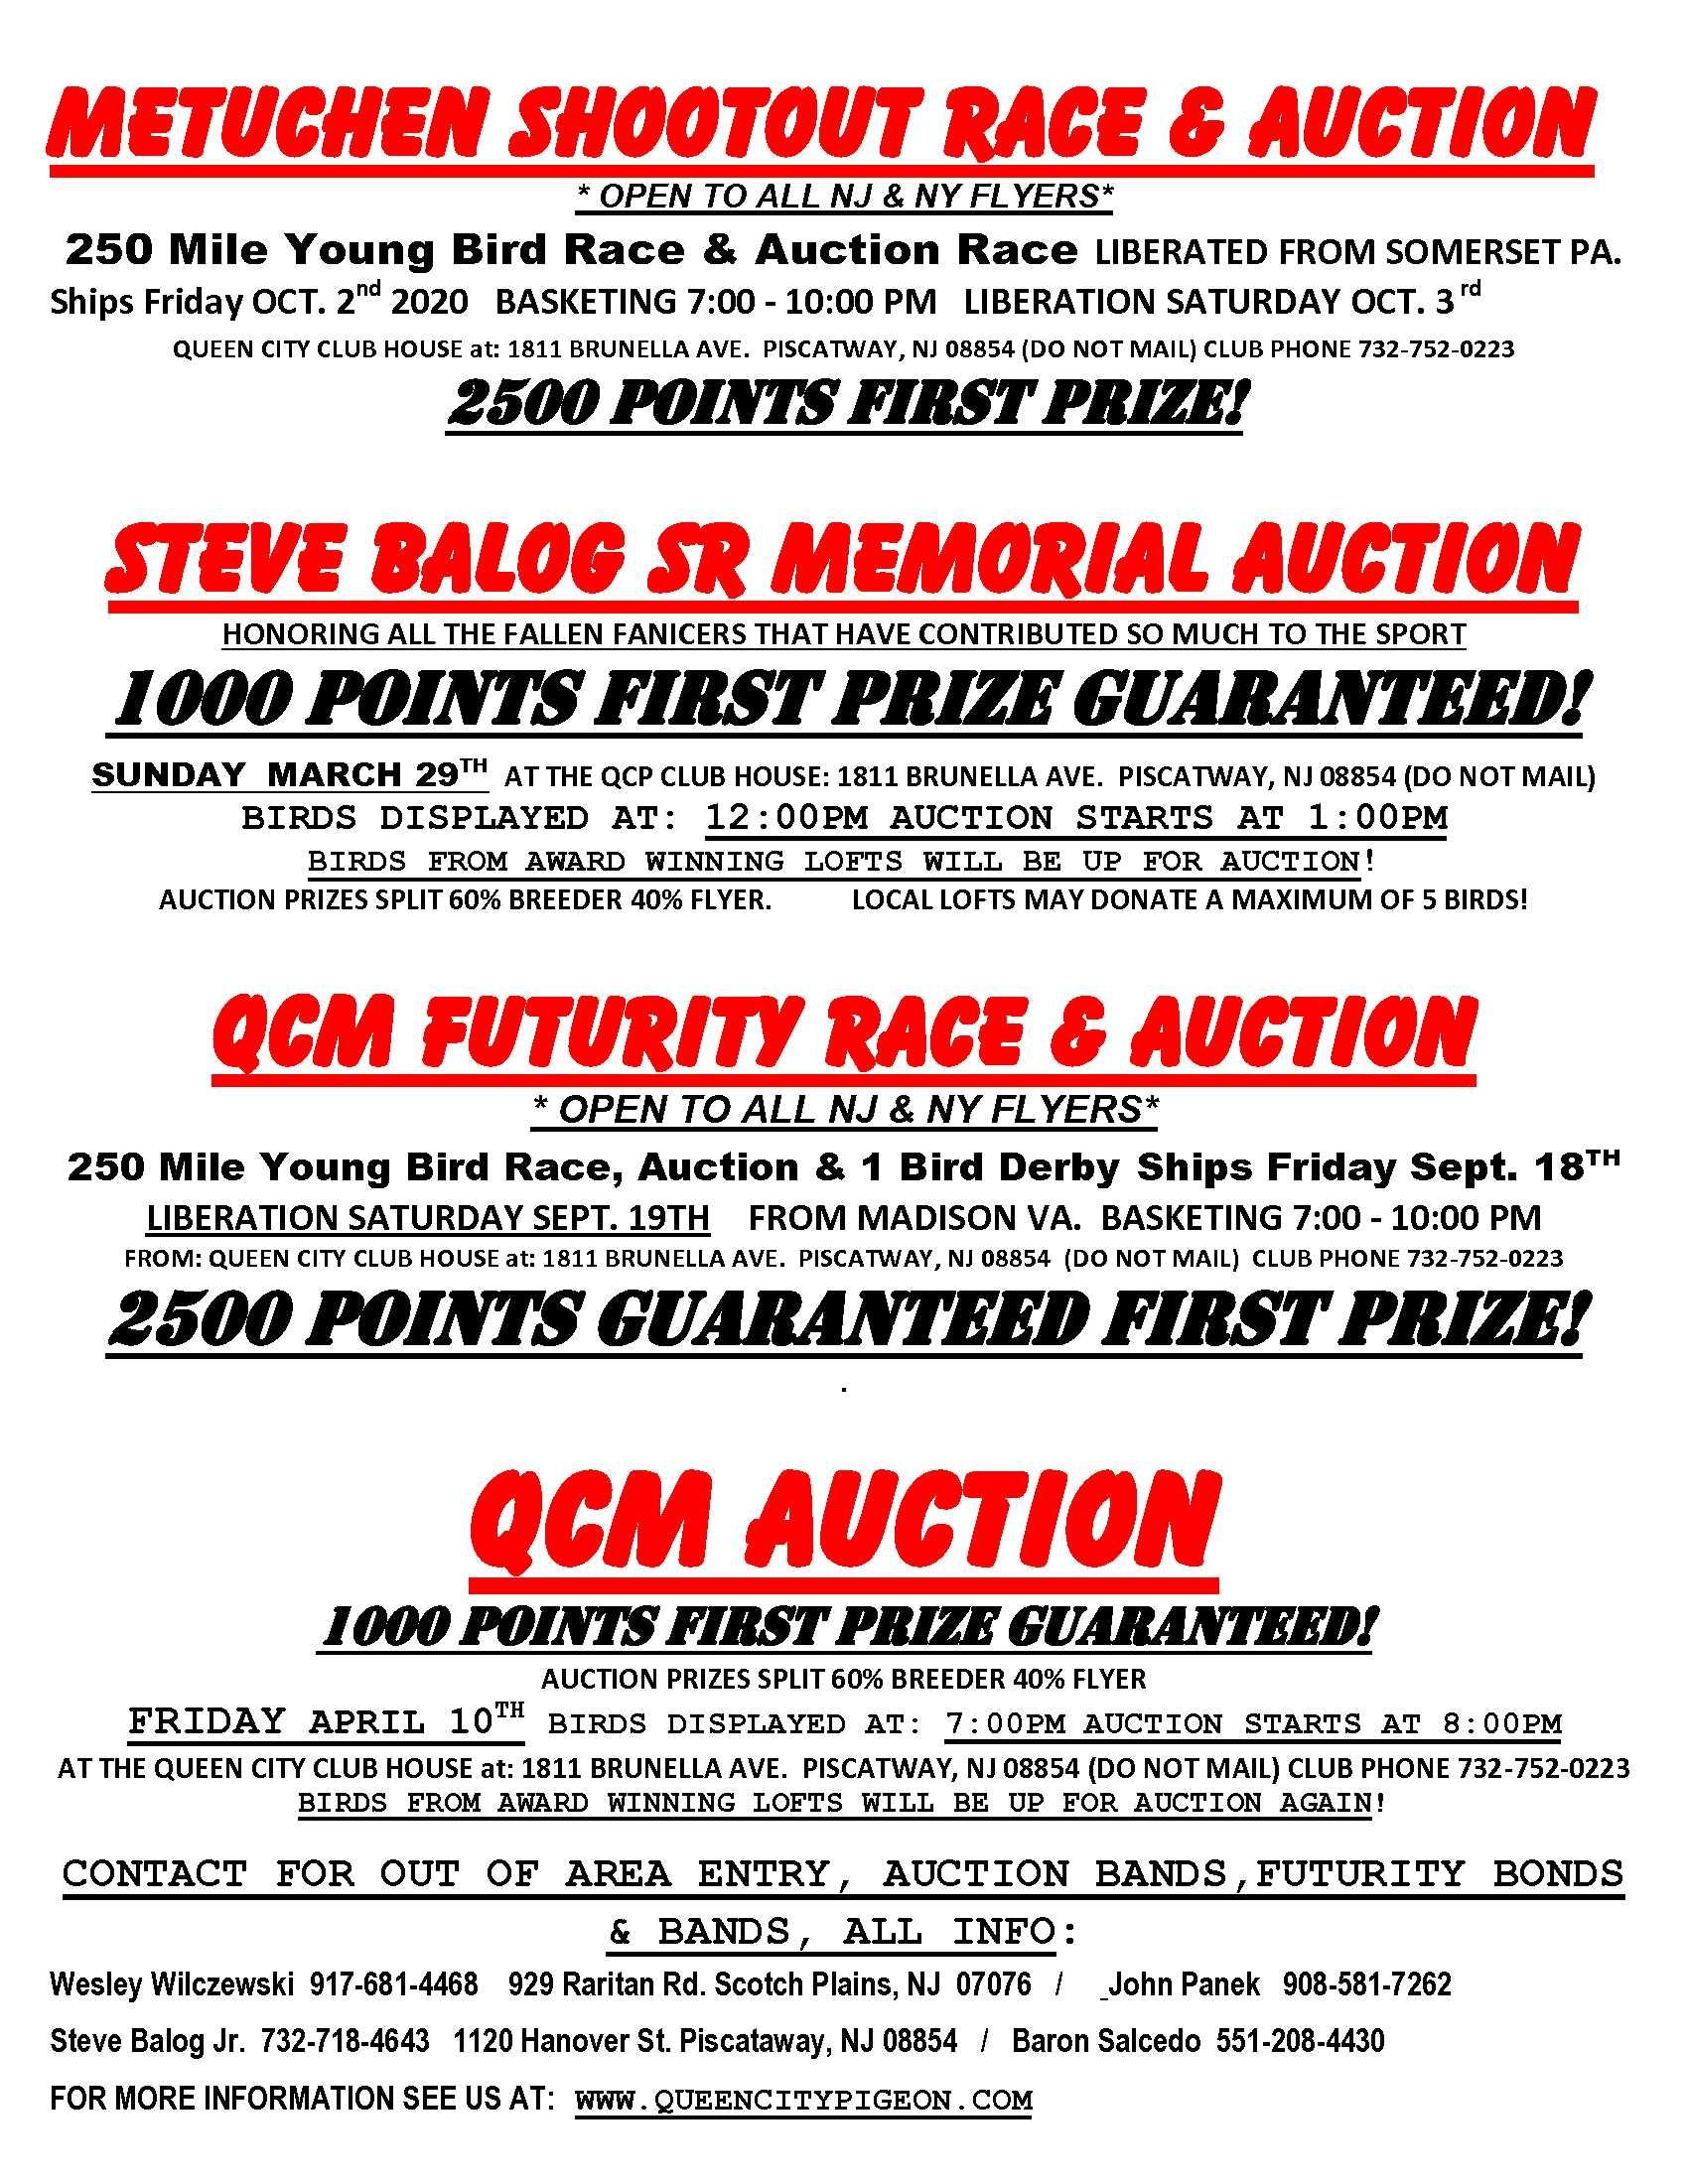 Queen City 2020 Auction Races